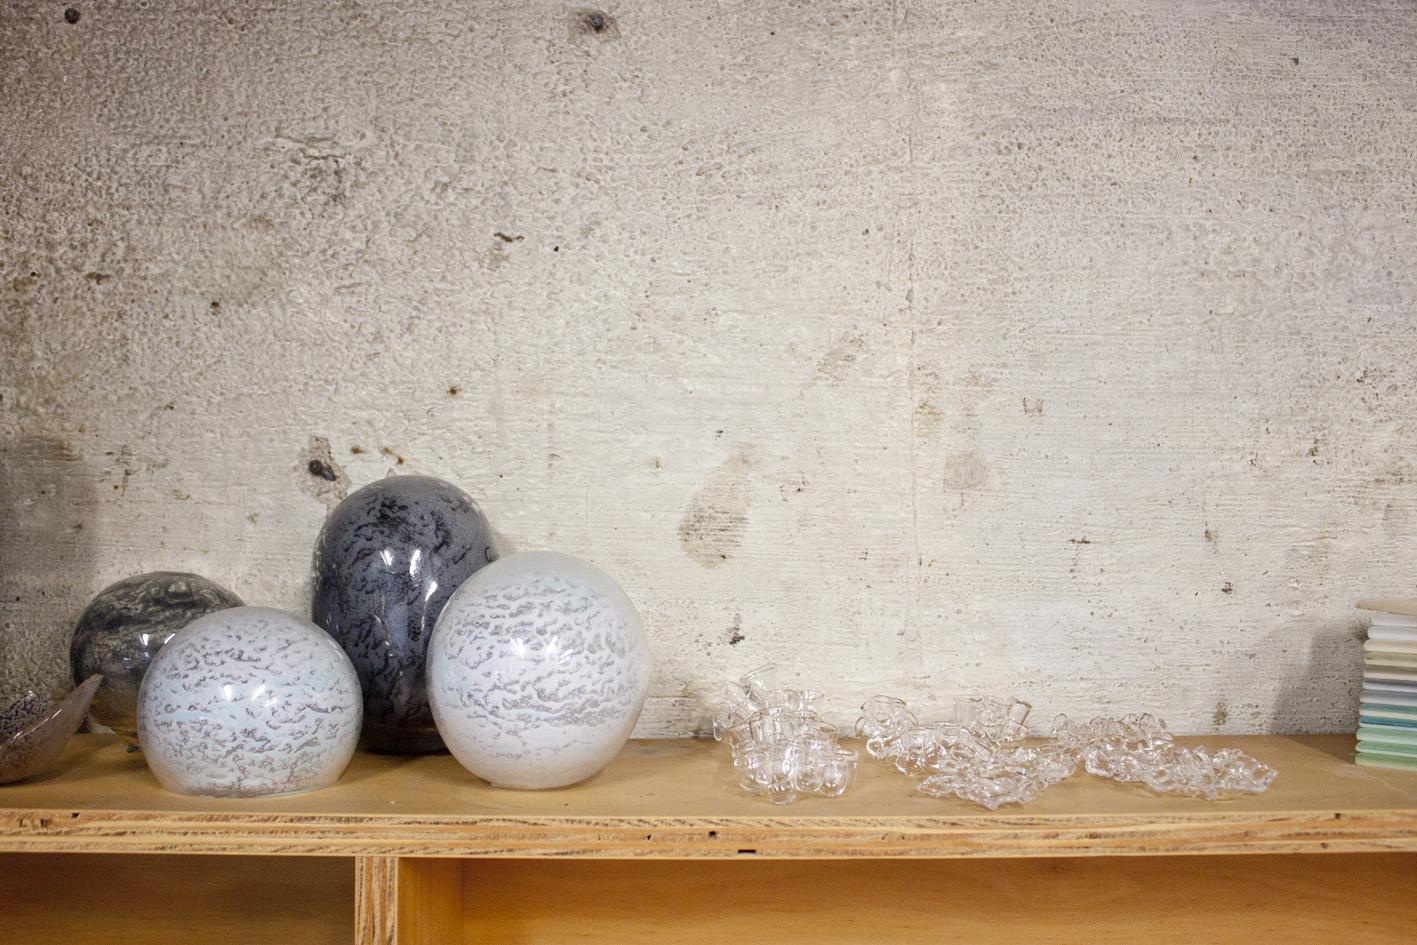 Shelves holding Christine's new work